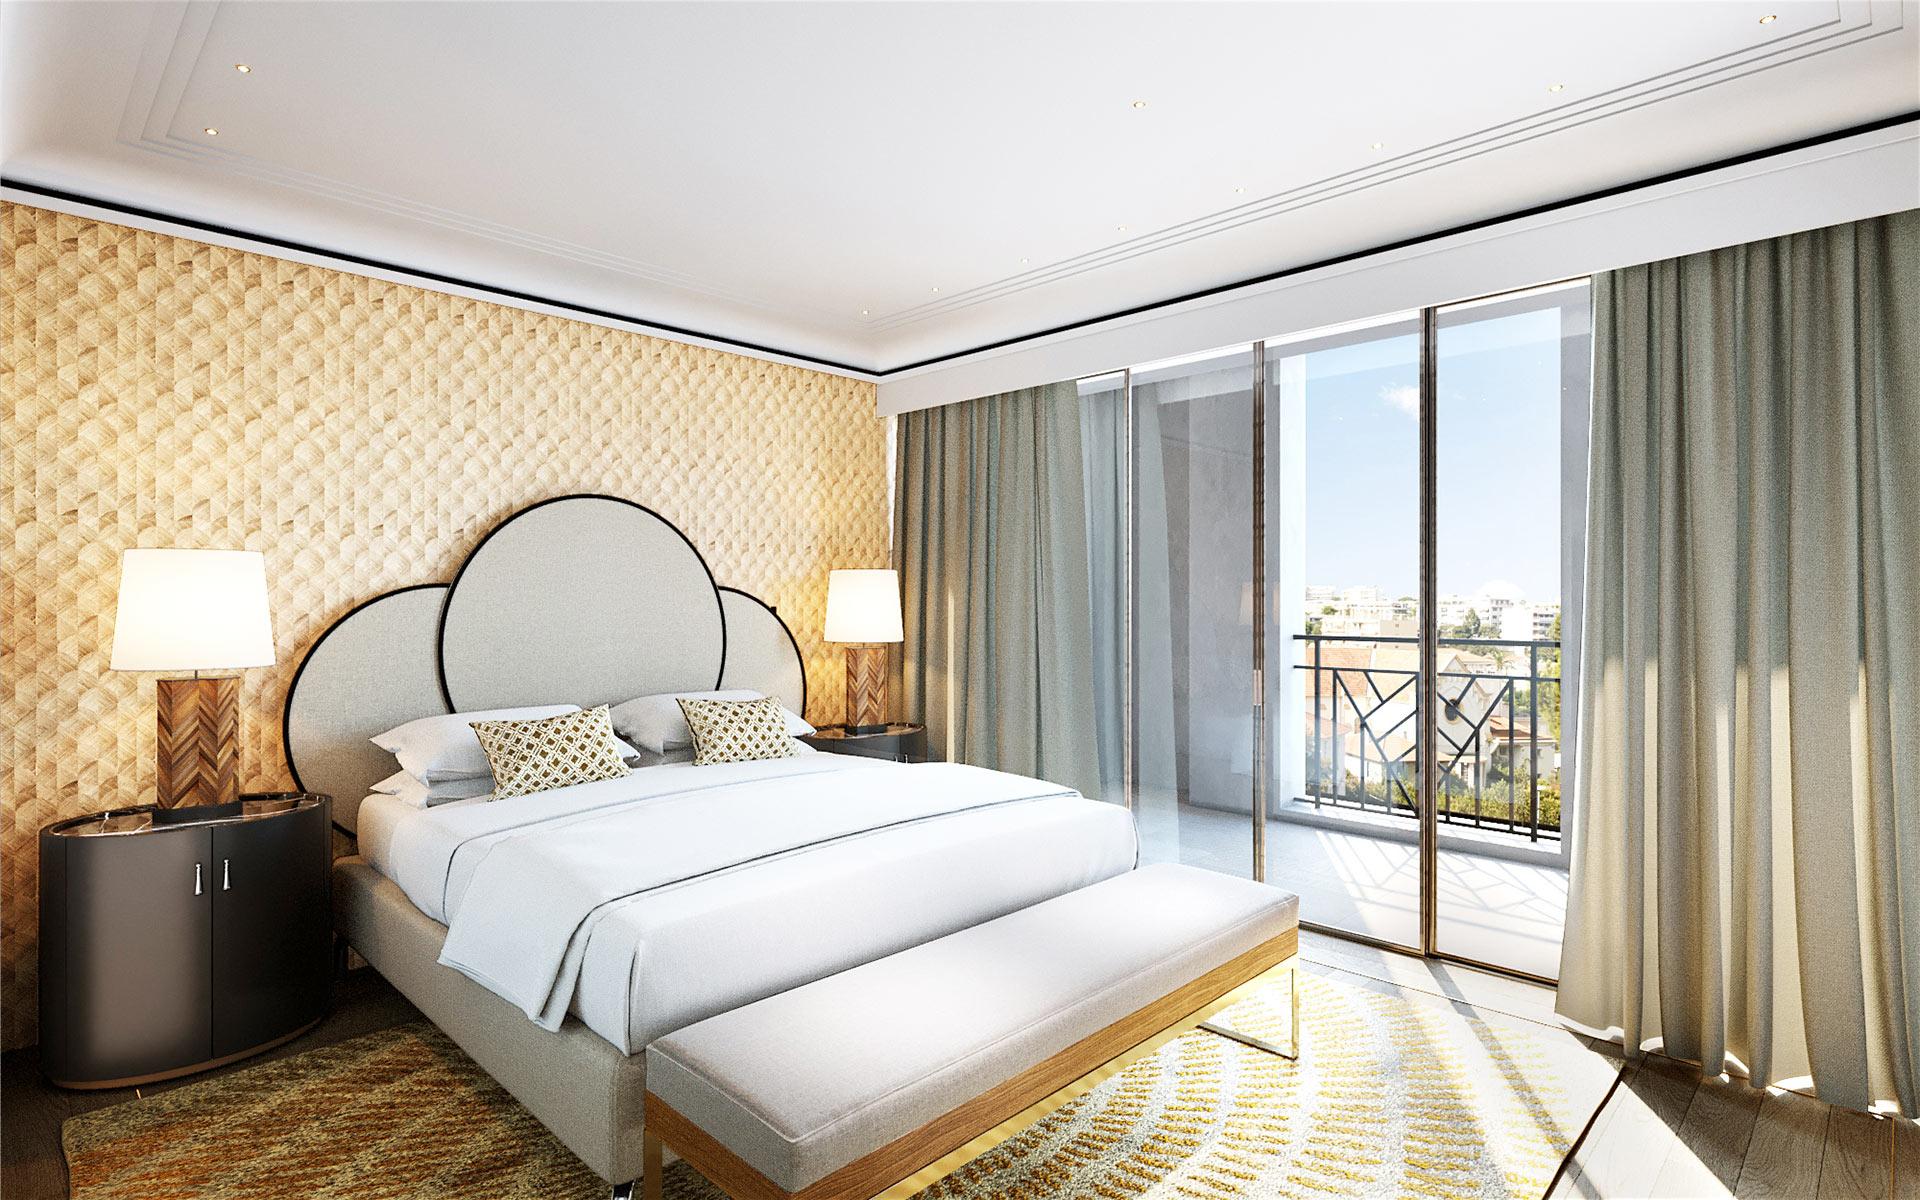 3D render of a luxury bedroom